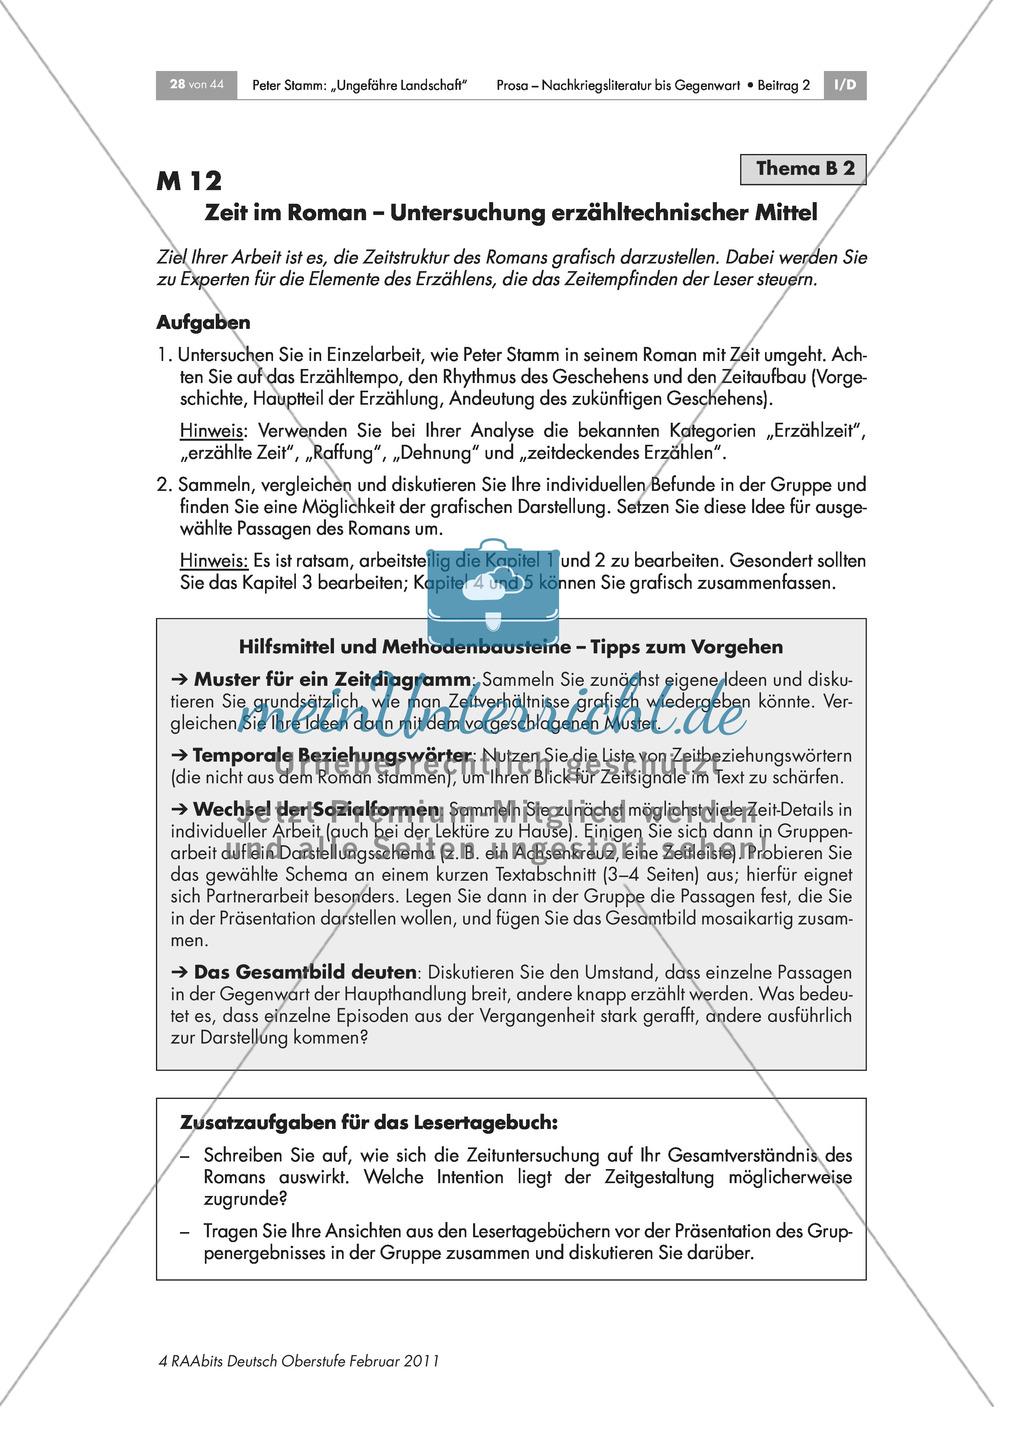 Inhaltliche und formale Analyse des Romans - Arbeit in Expertengruppen Preview 5